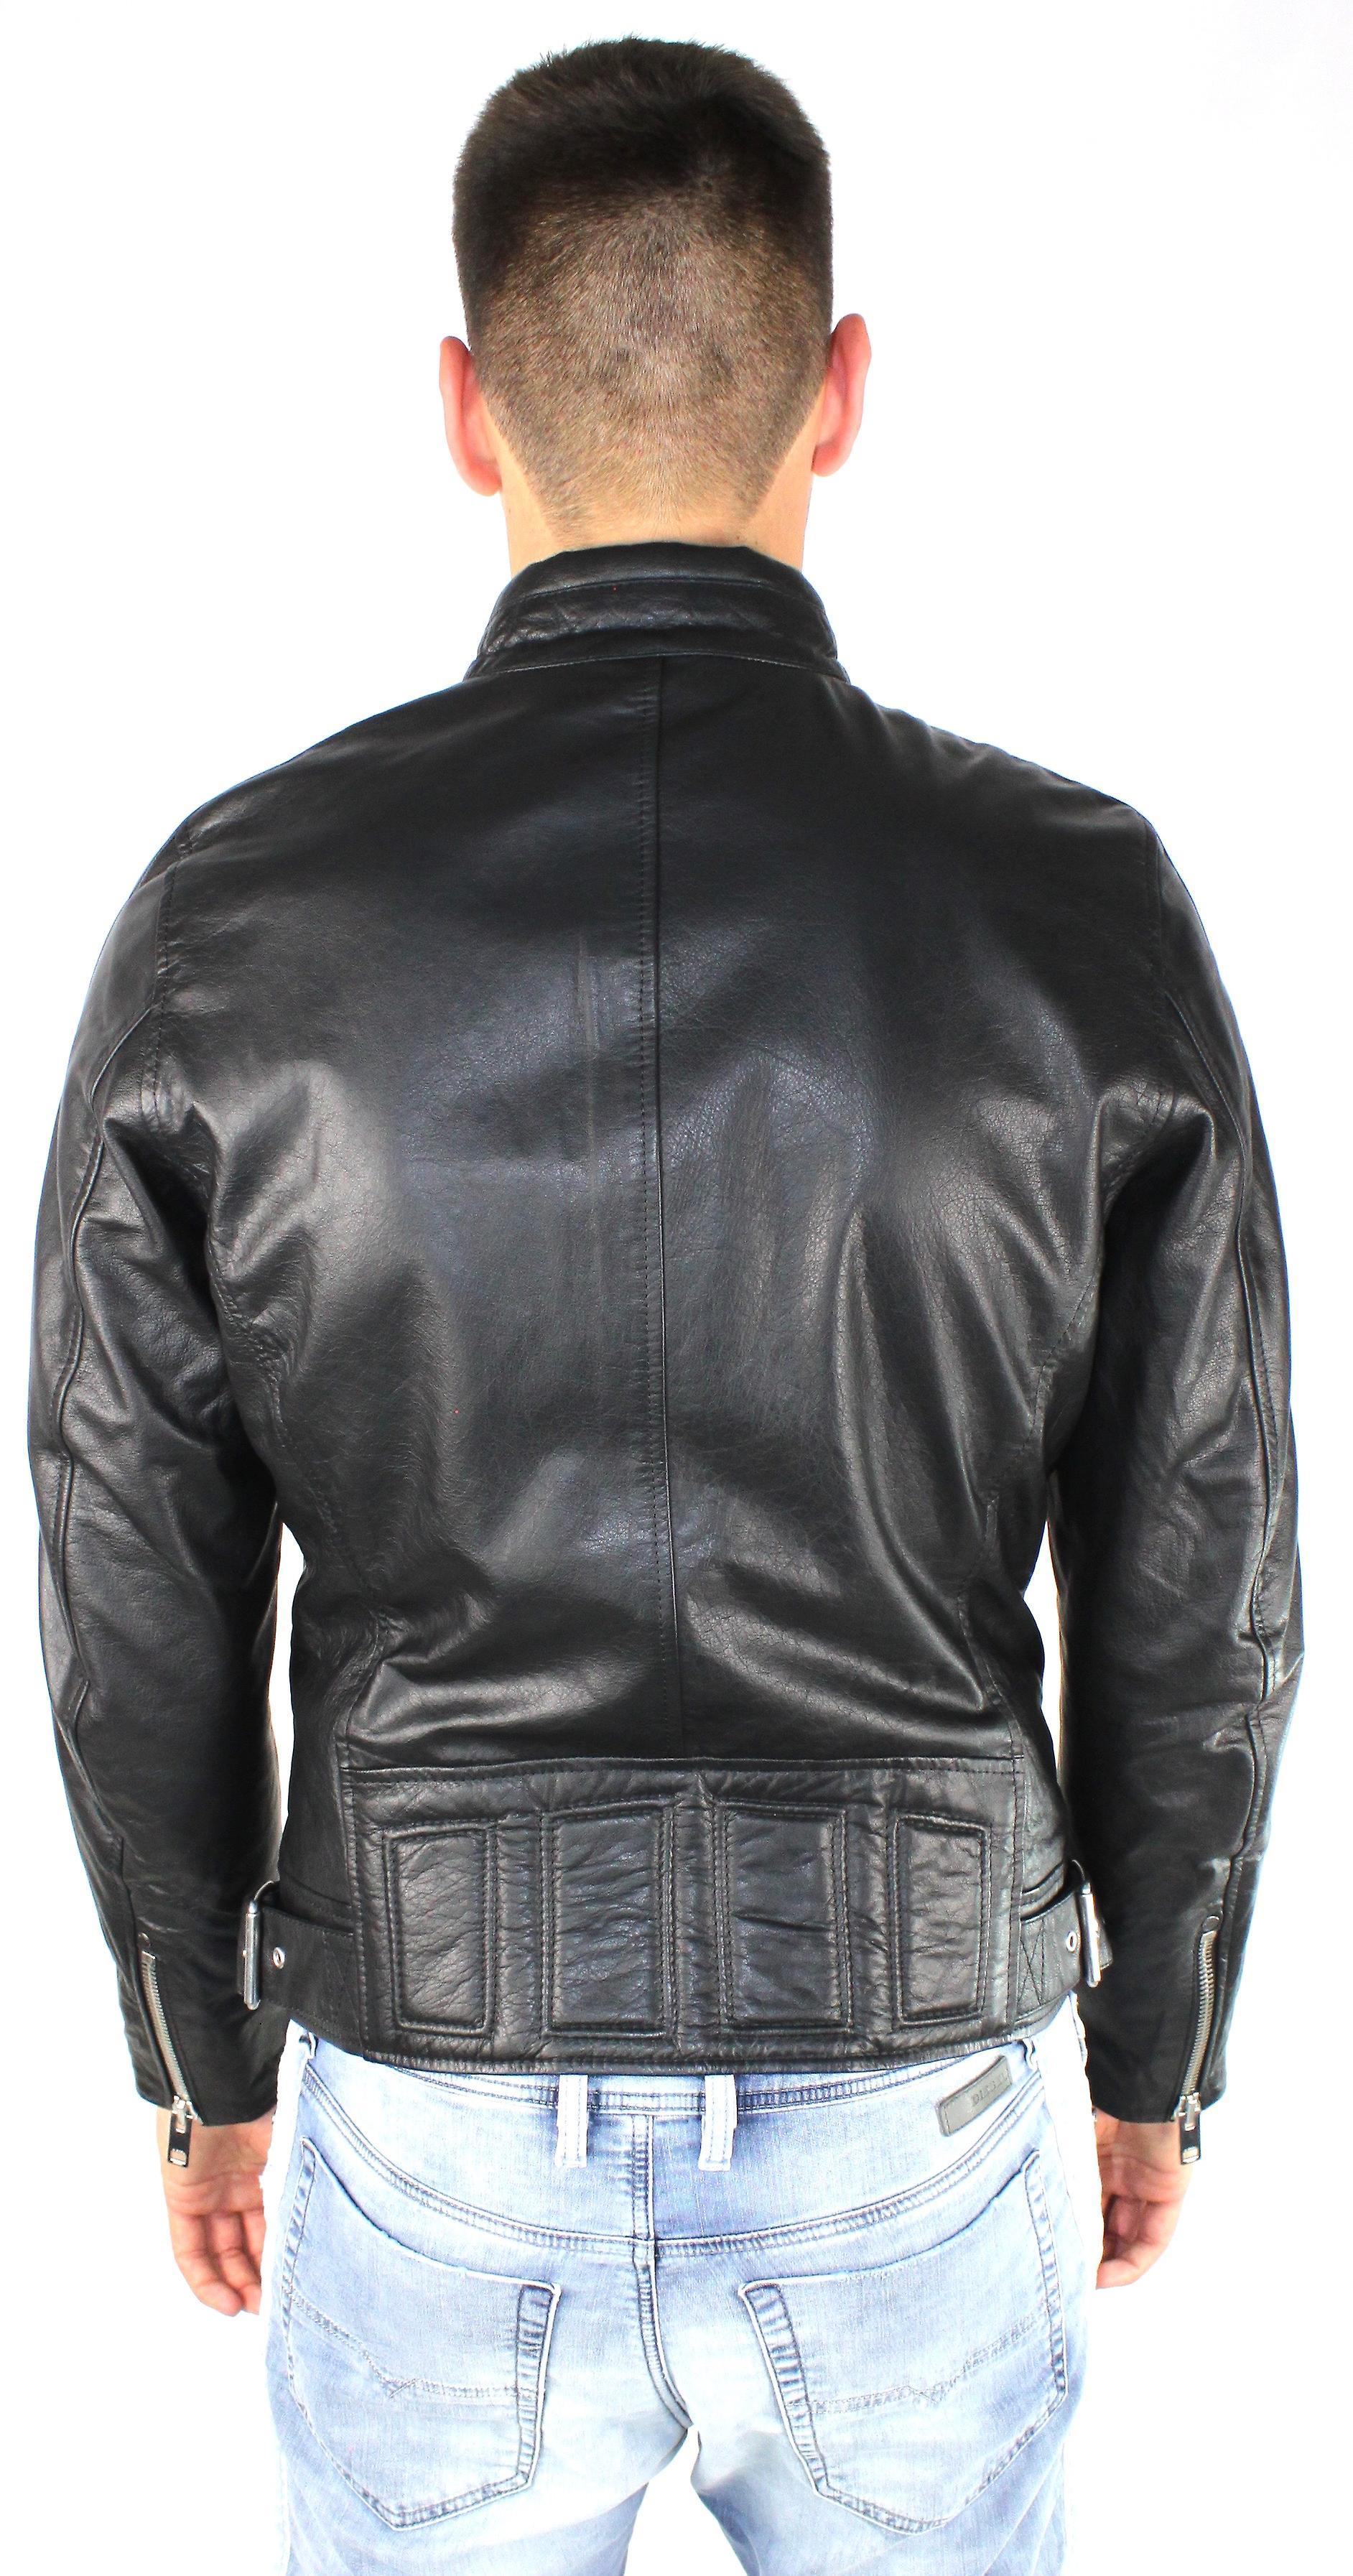 डीजल एल रीड ९०० चमड़े की जैकेट